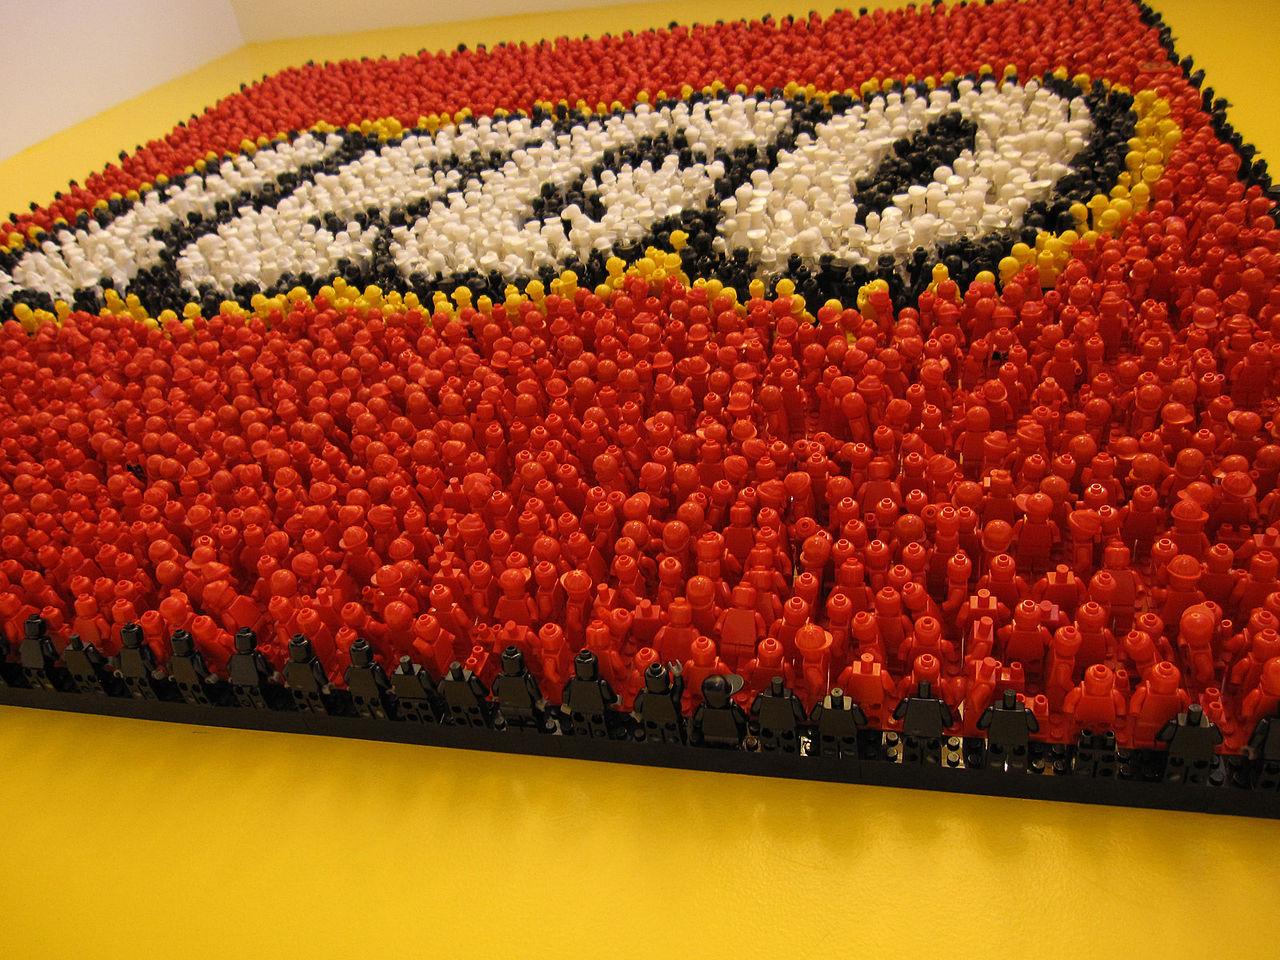 1280px-Lego_Store,_Rockefeller_Center_(7175078374)